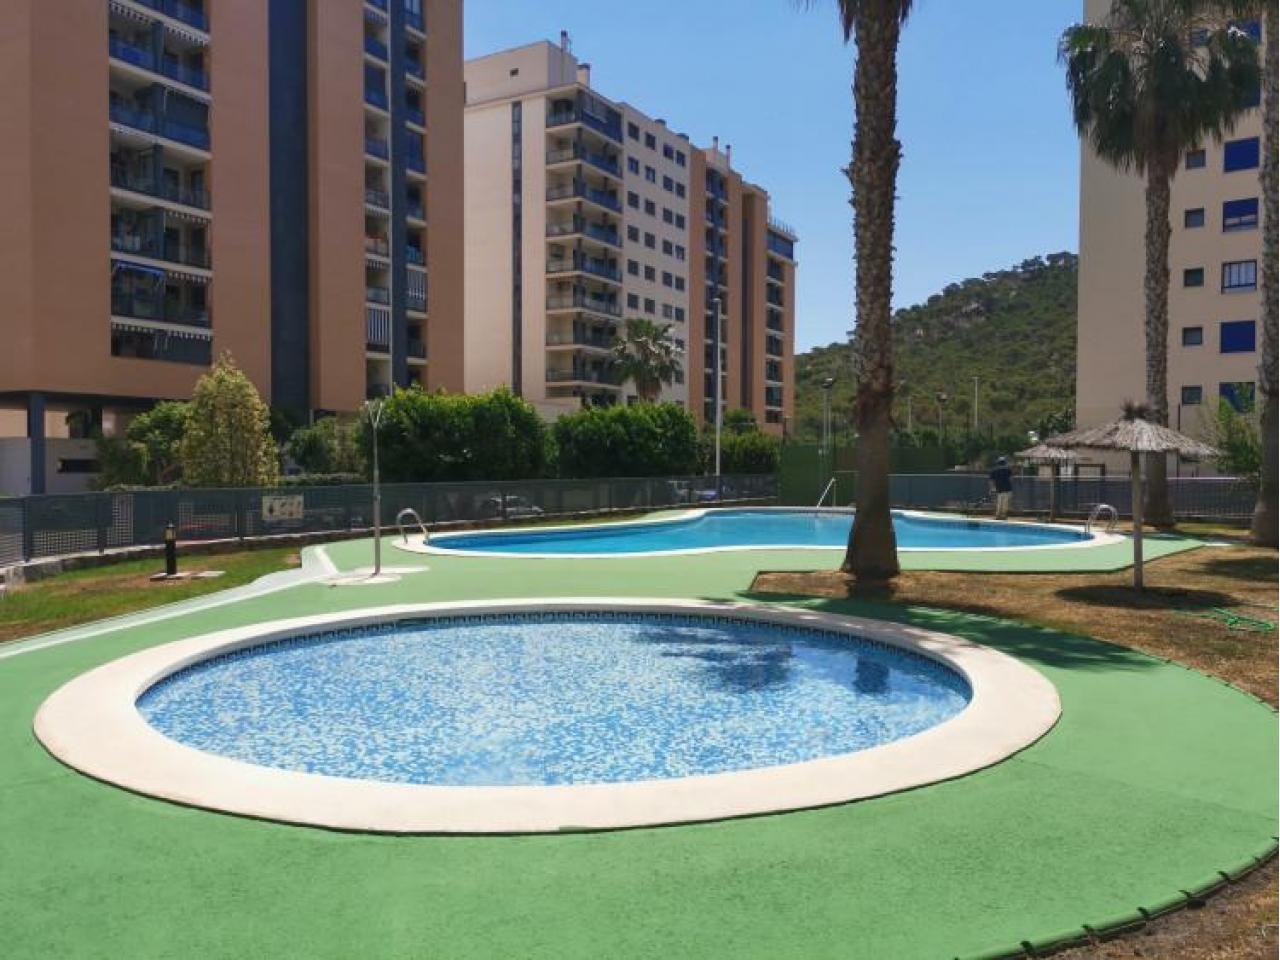 Прекрасная квартира возле моря в Бенидорме, Испания - 8